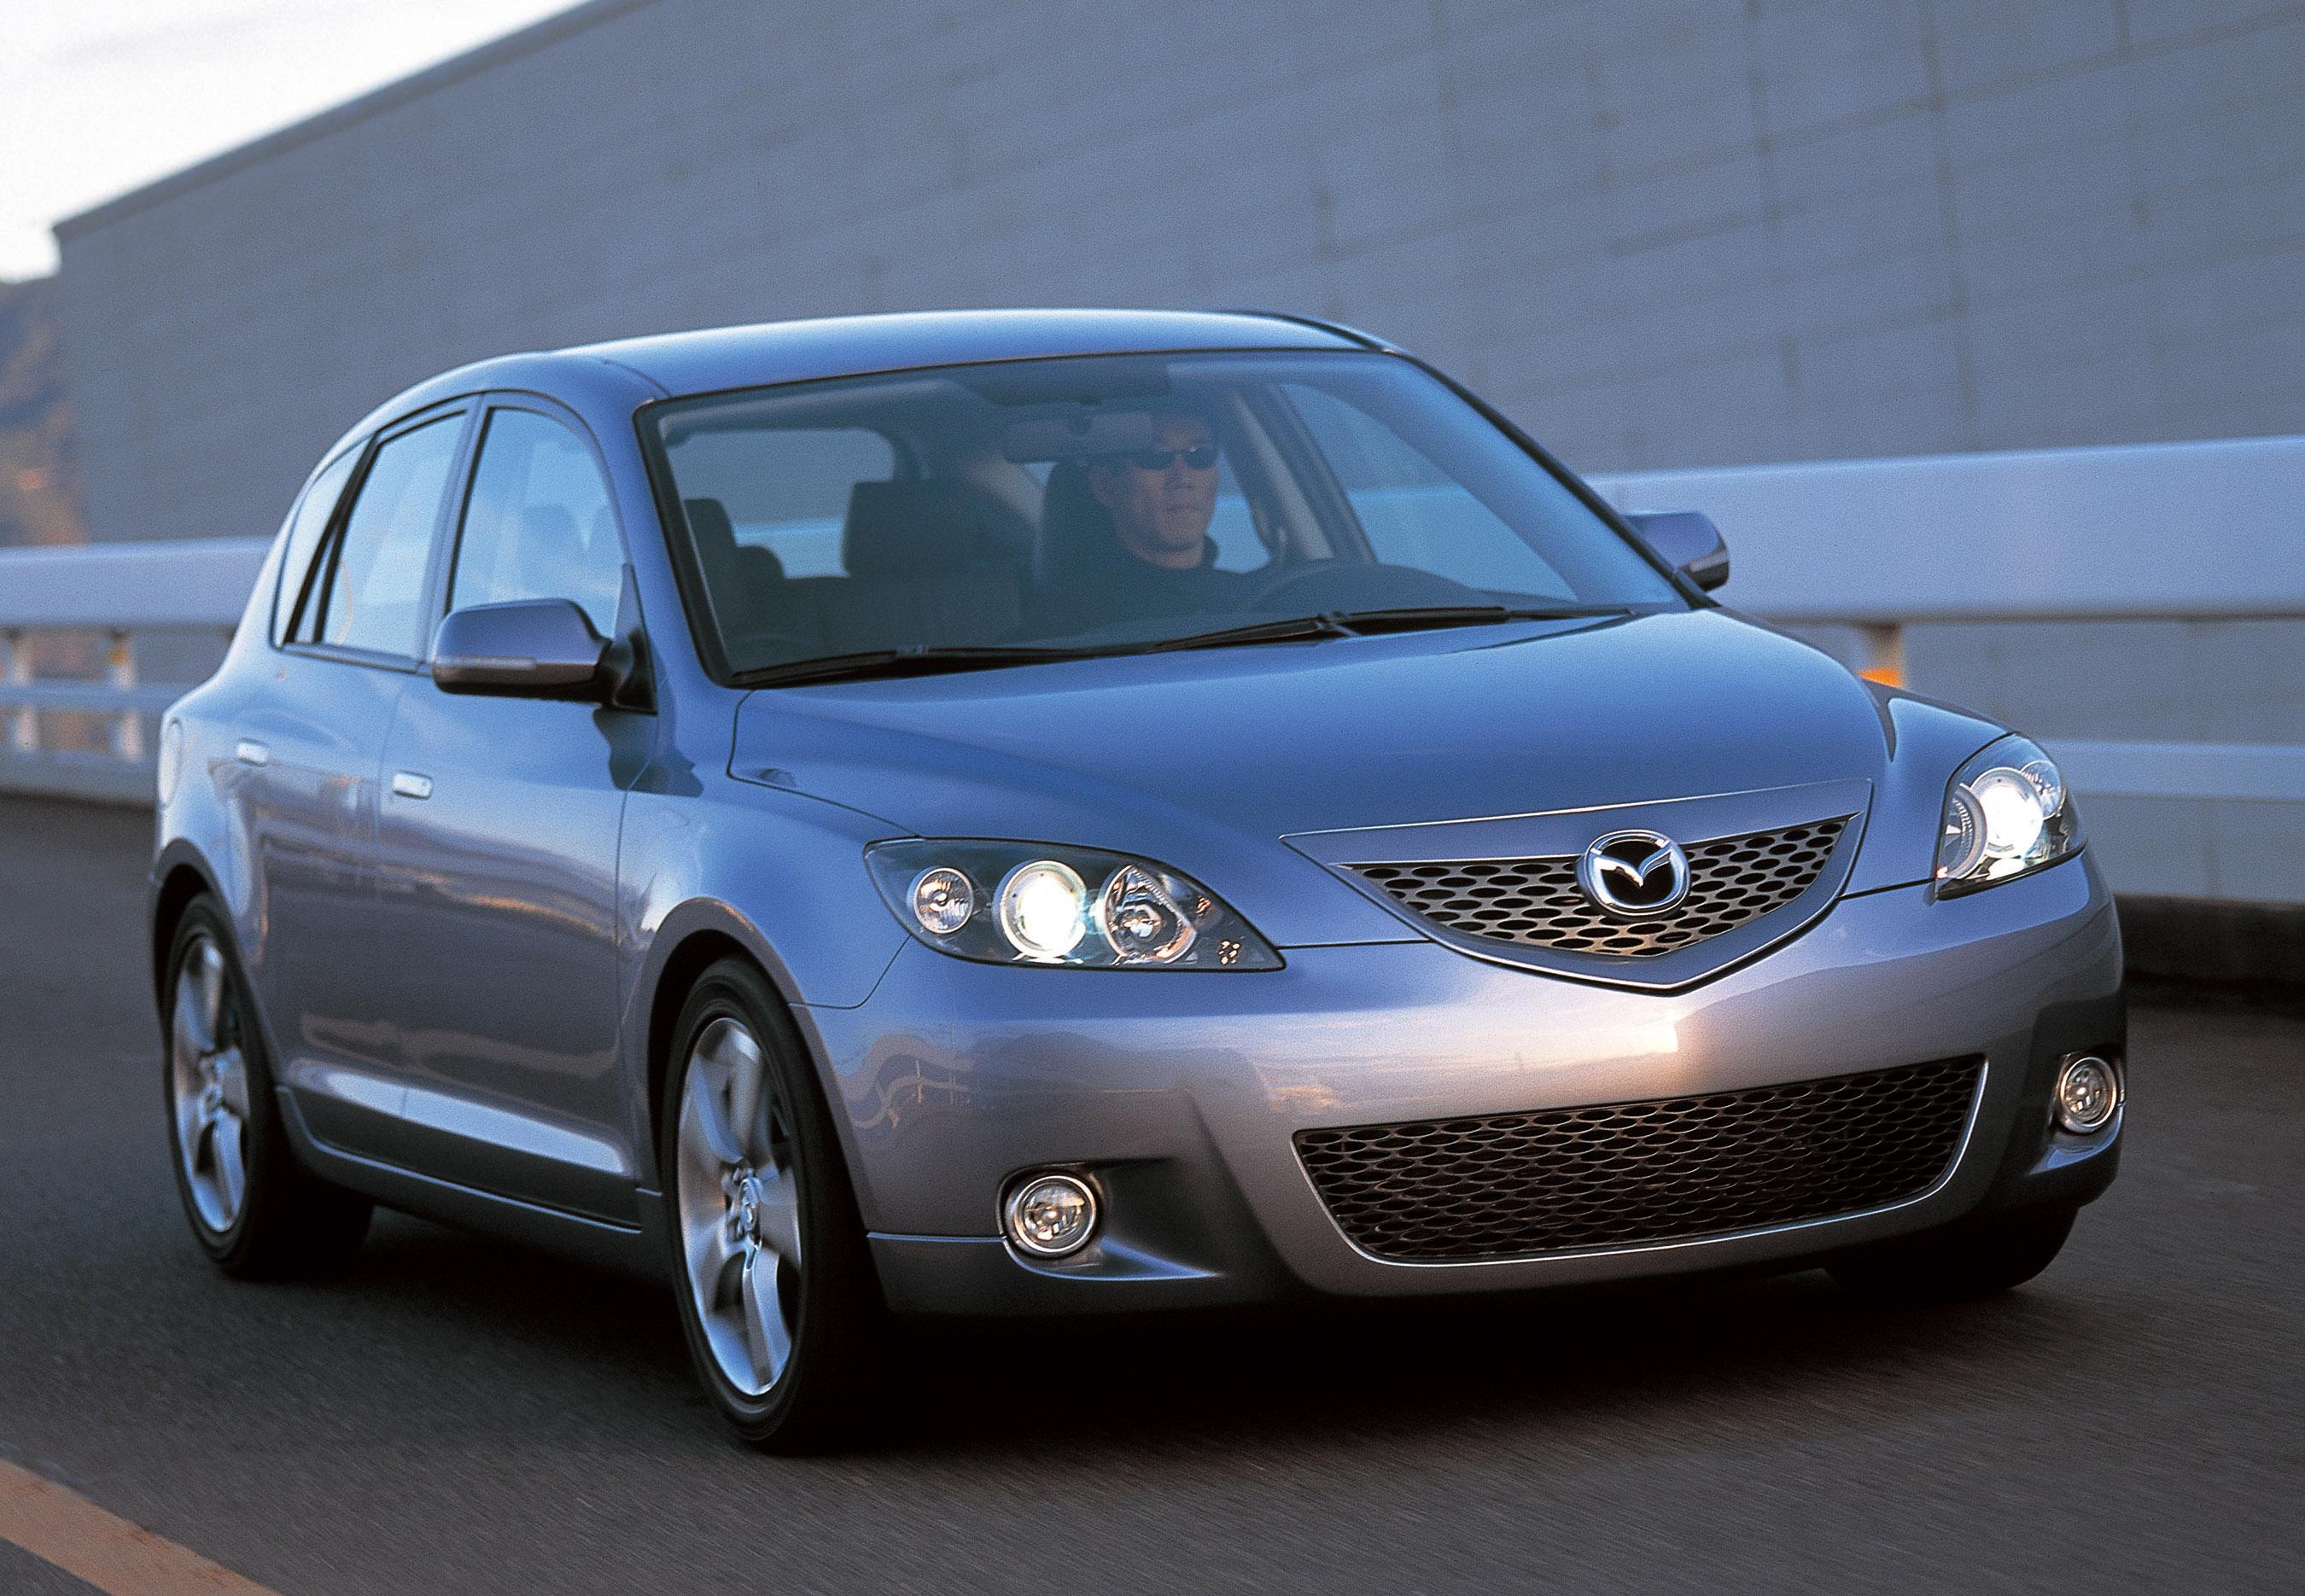 https://www.automobilesreview.com/img/2003-mazda-mx-sportif-concept/2003-mazda-mx-sportif-concept-03.jpg